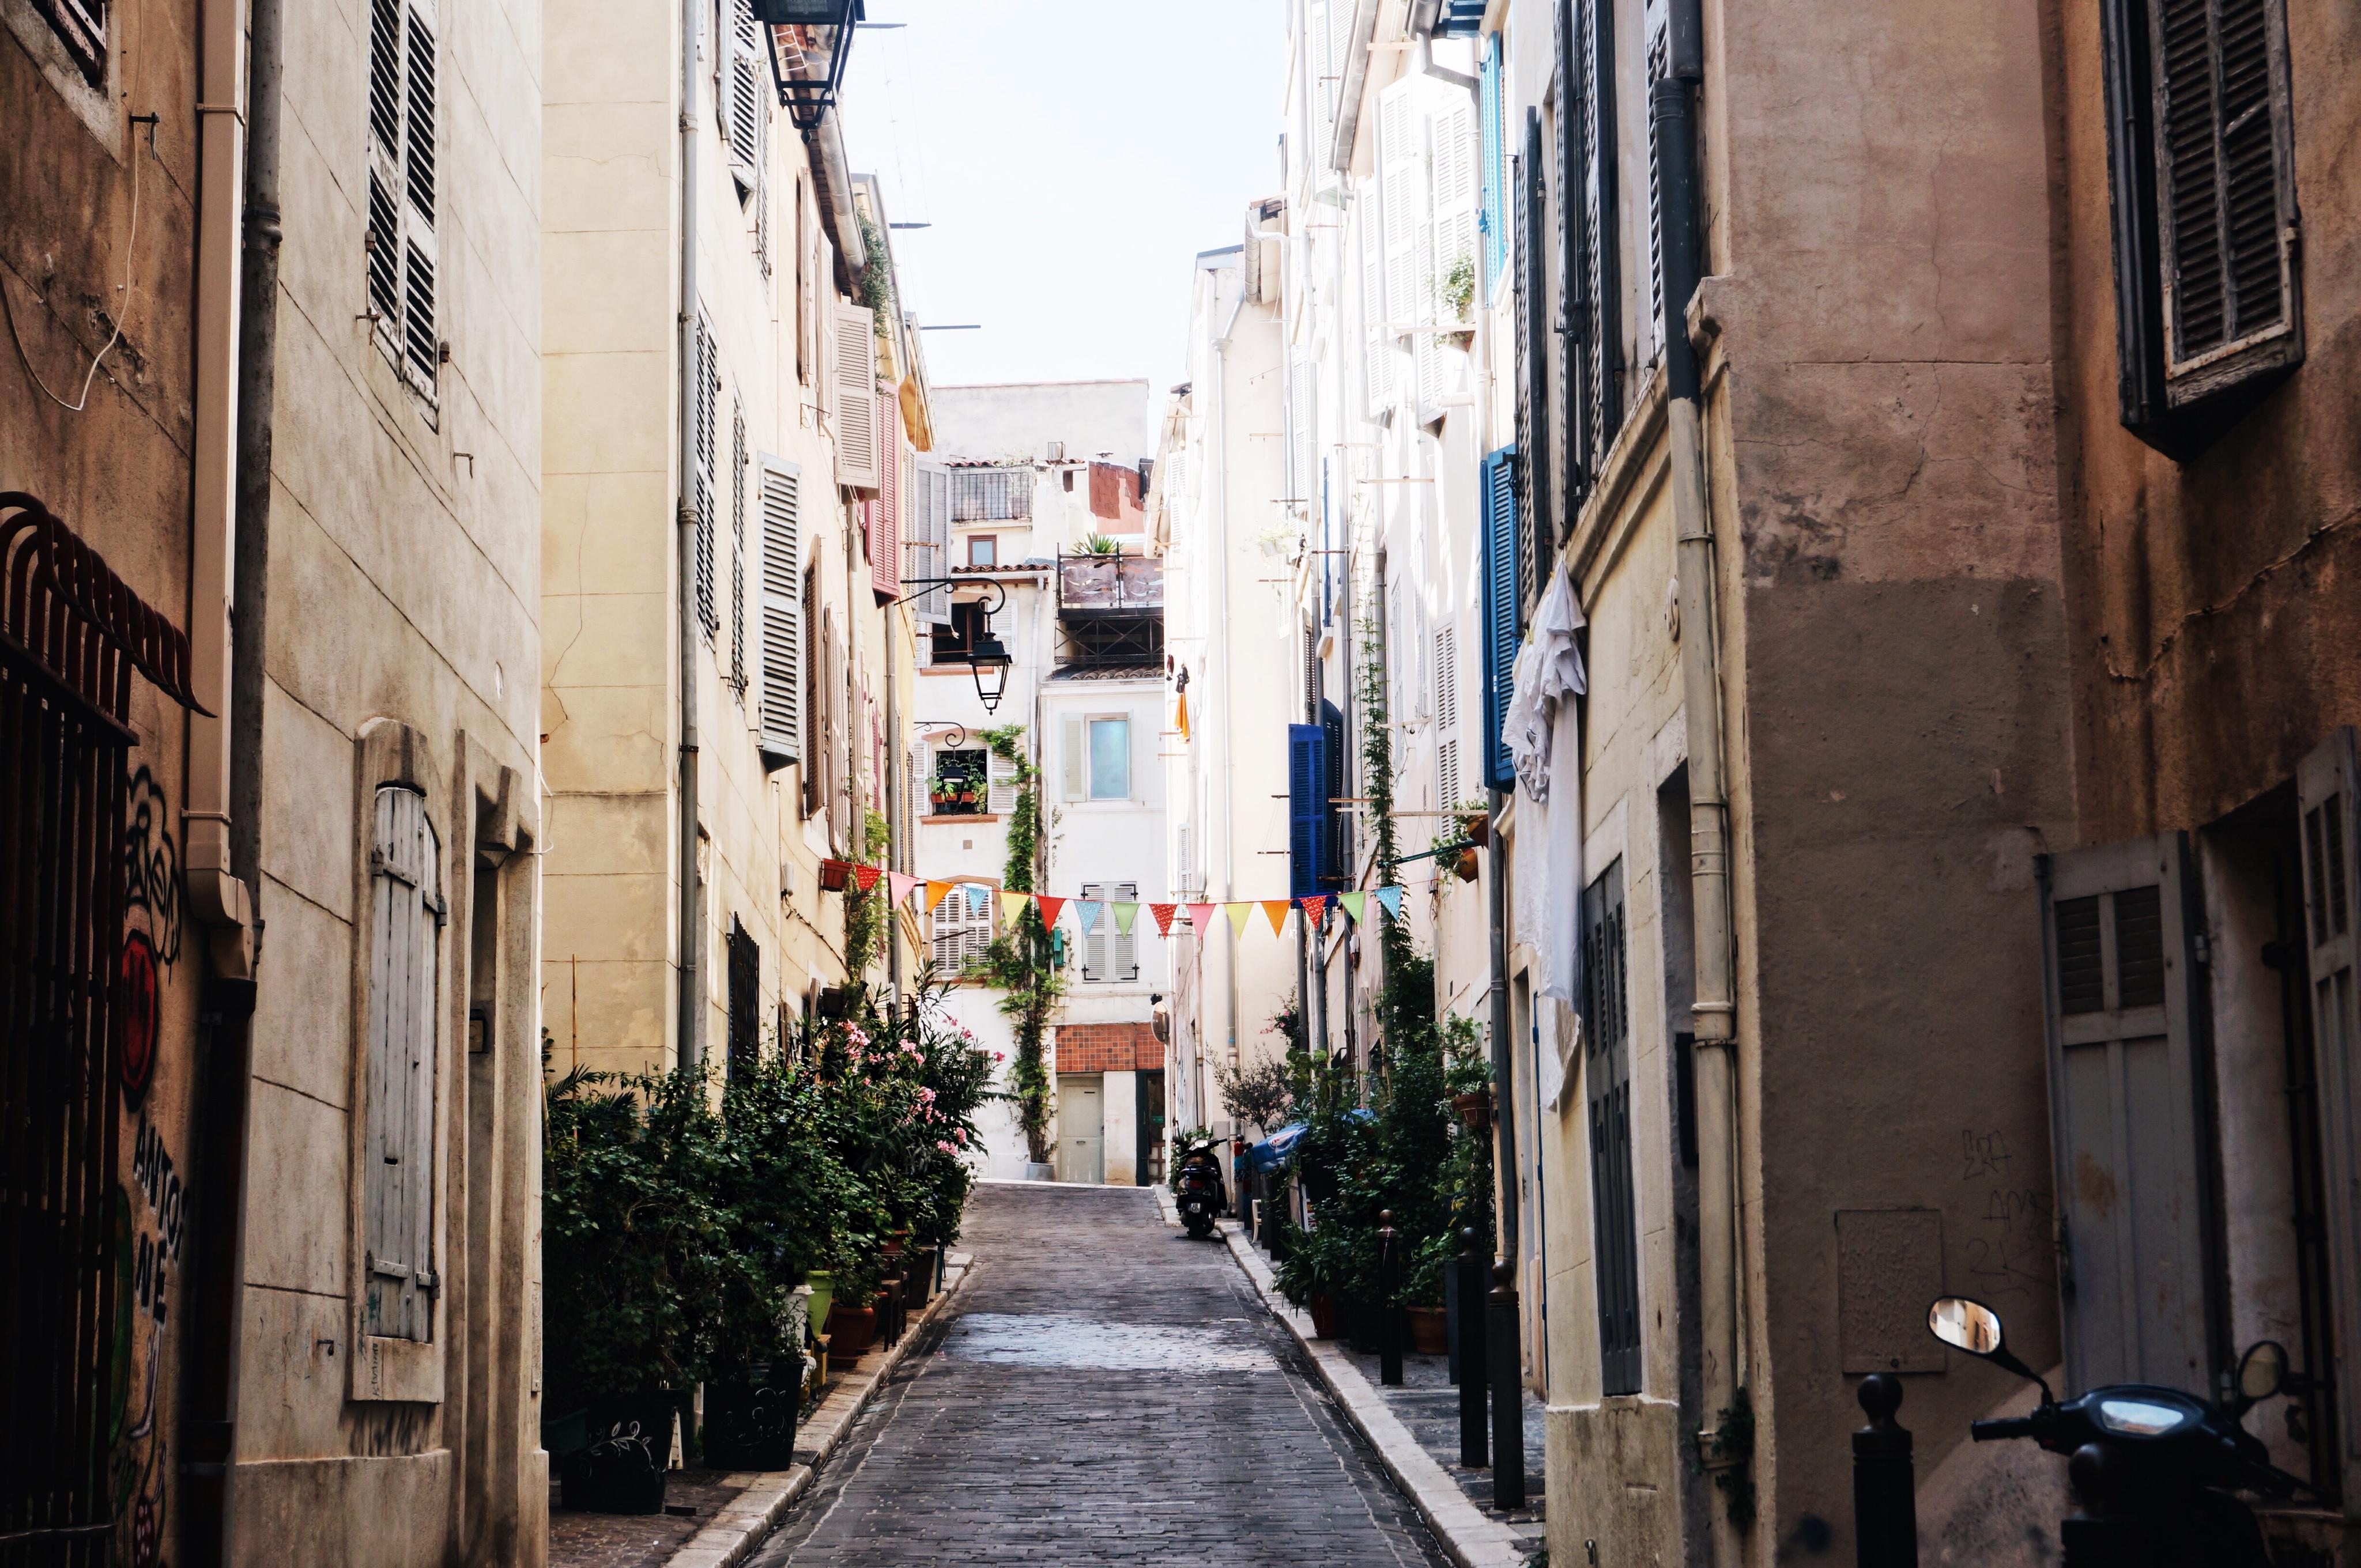 schönes Städtretrips, Gassen, Stadtbummel, Reisen, Sehenswürdigkeiten, Frankreich, Kurztrip, Ausflug, Reisen